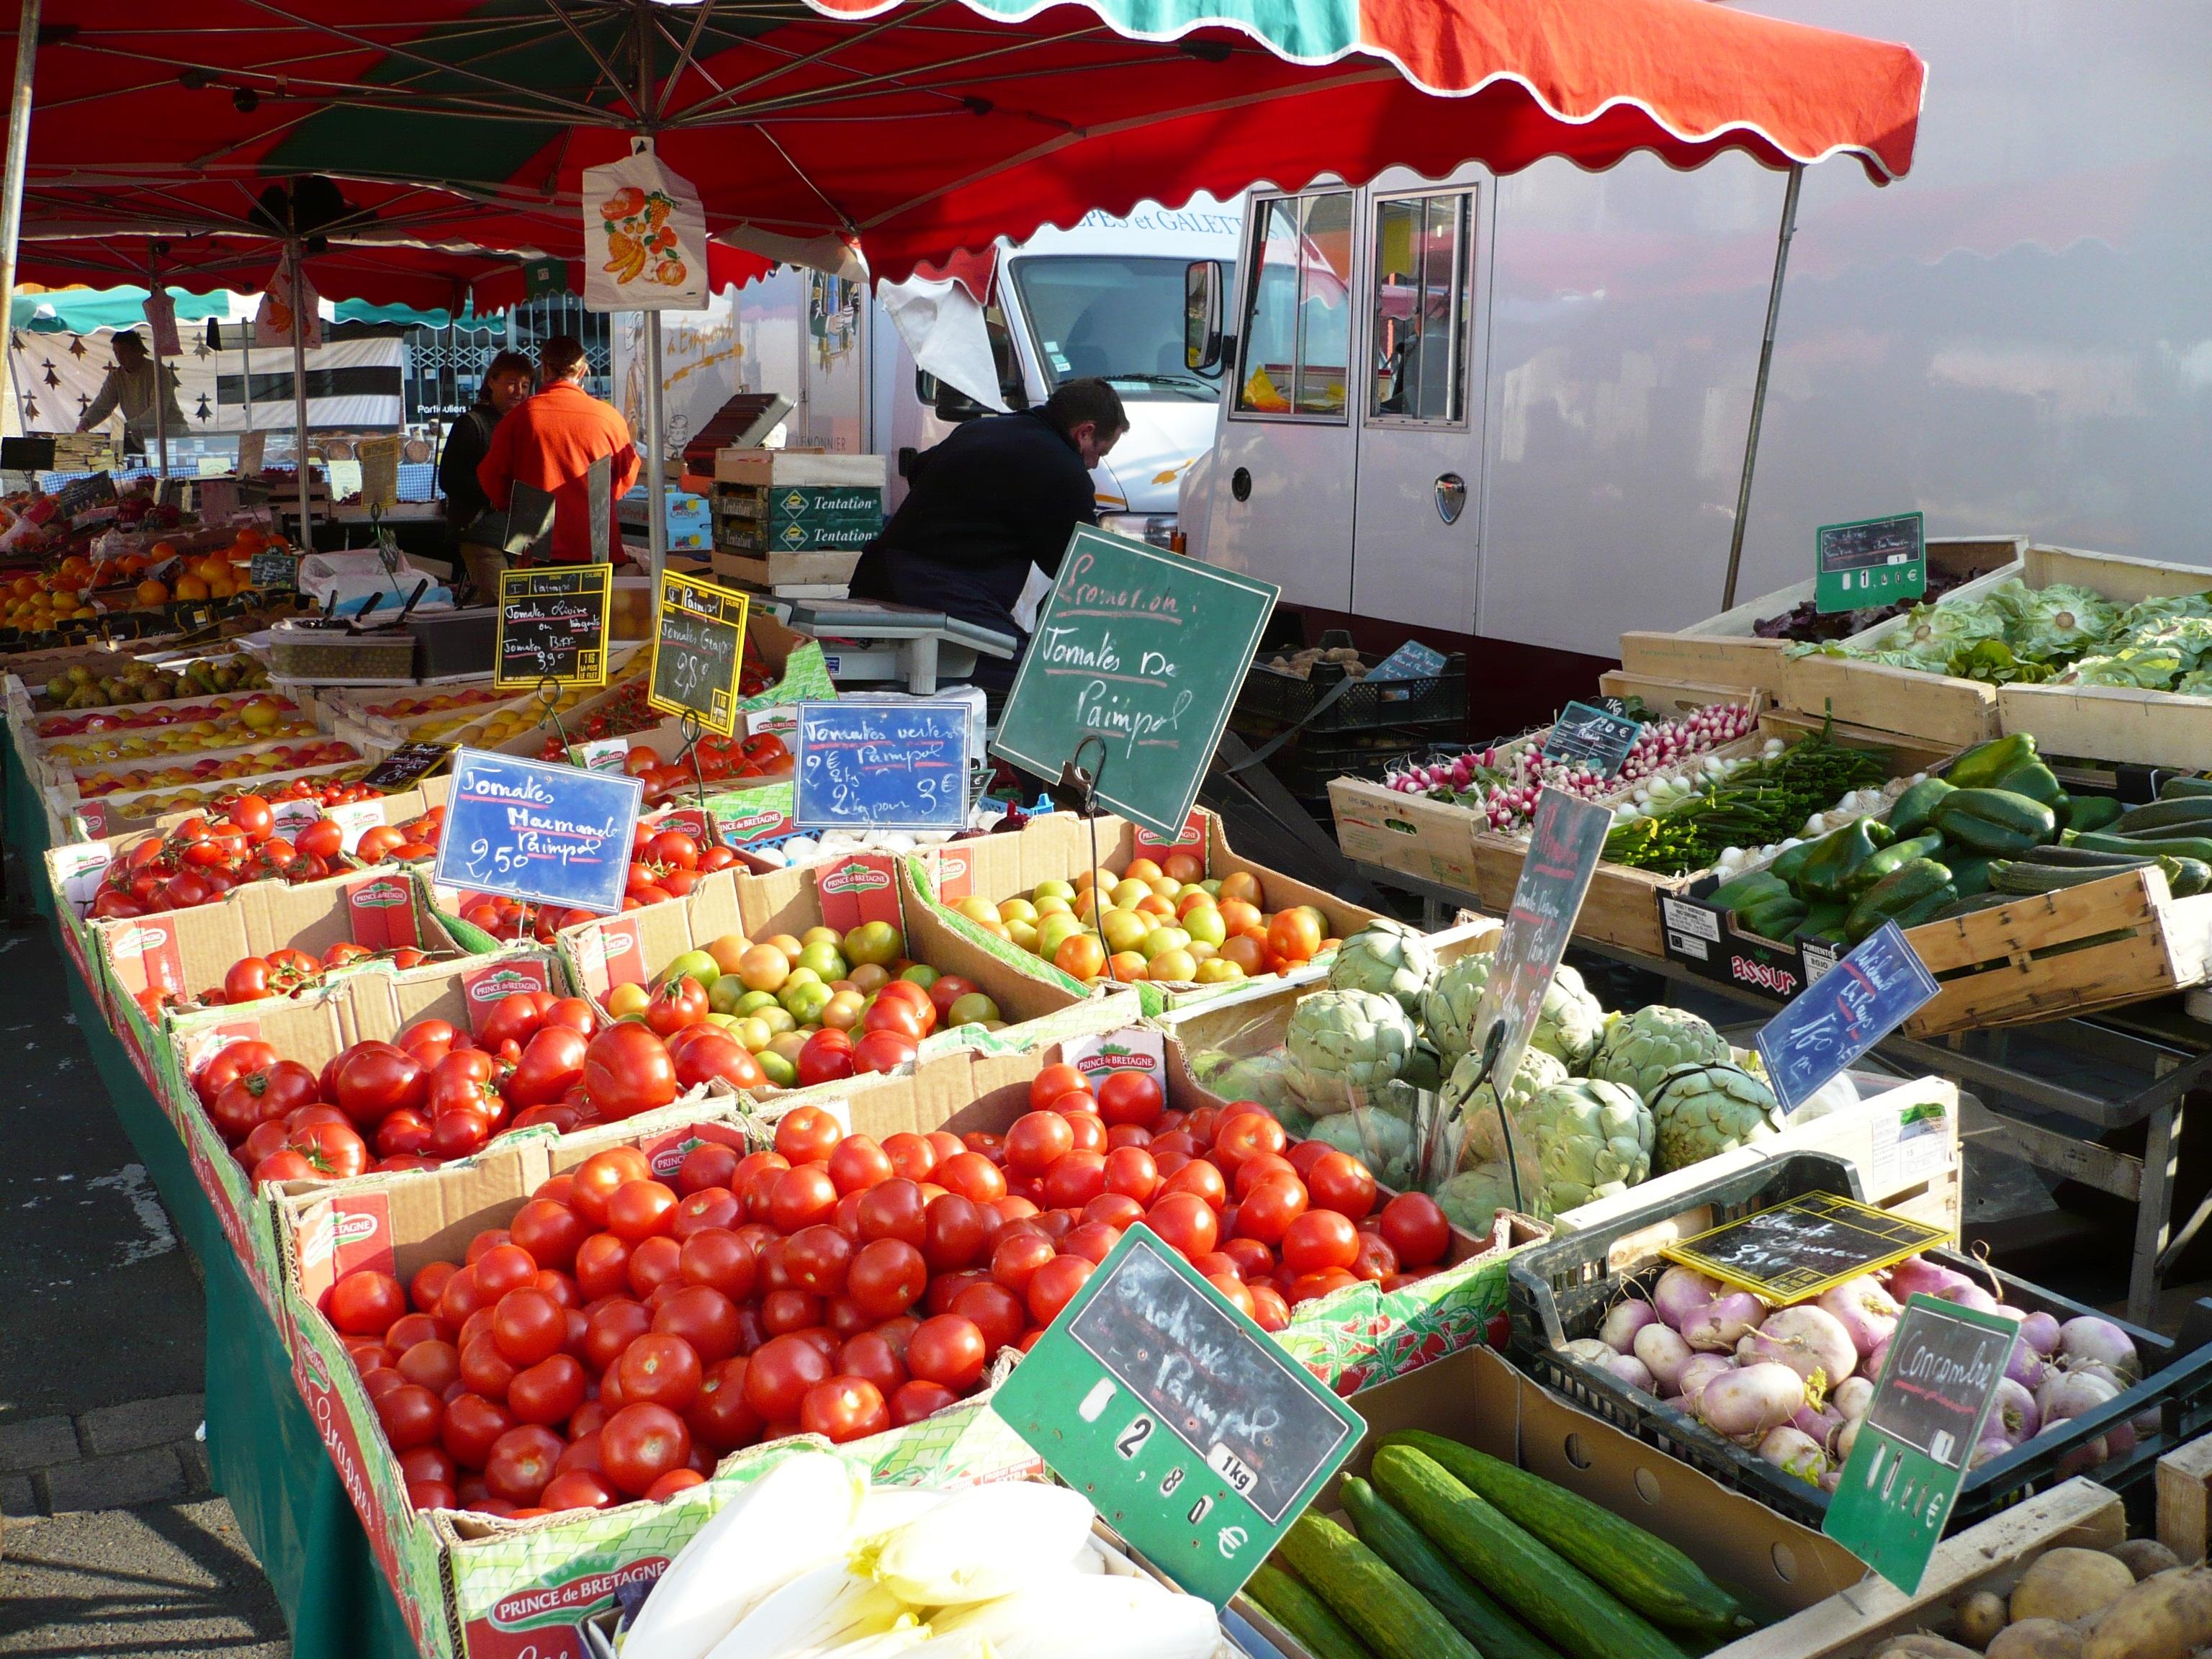 Image accueil de la page Se rendre au marché d'Aiguebelle du site Montsapey